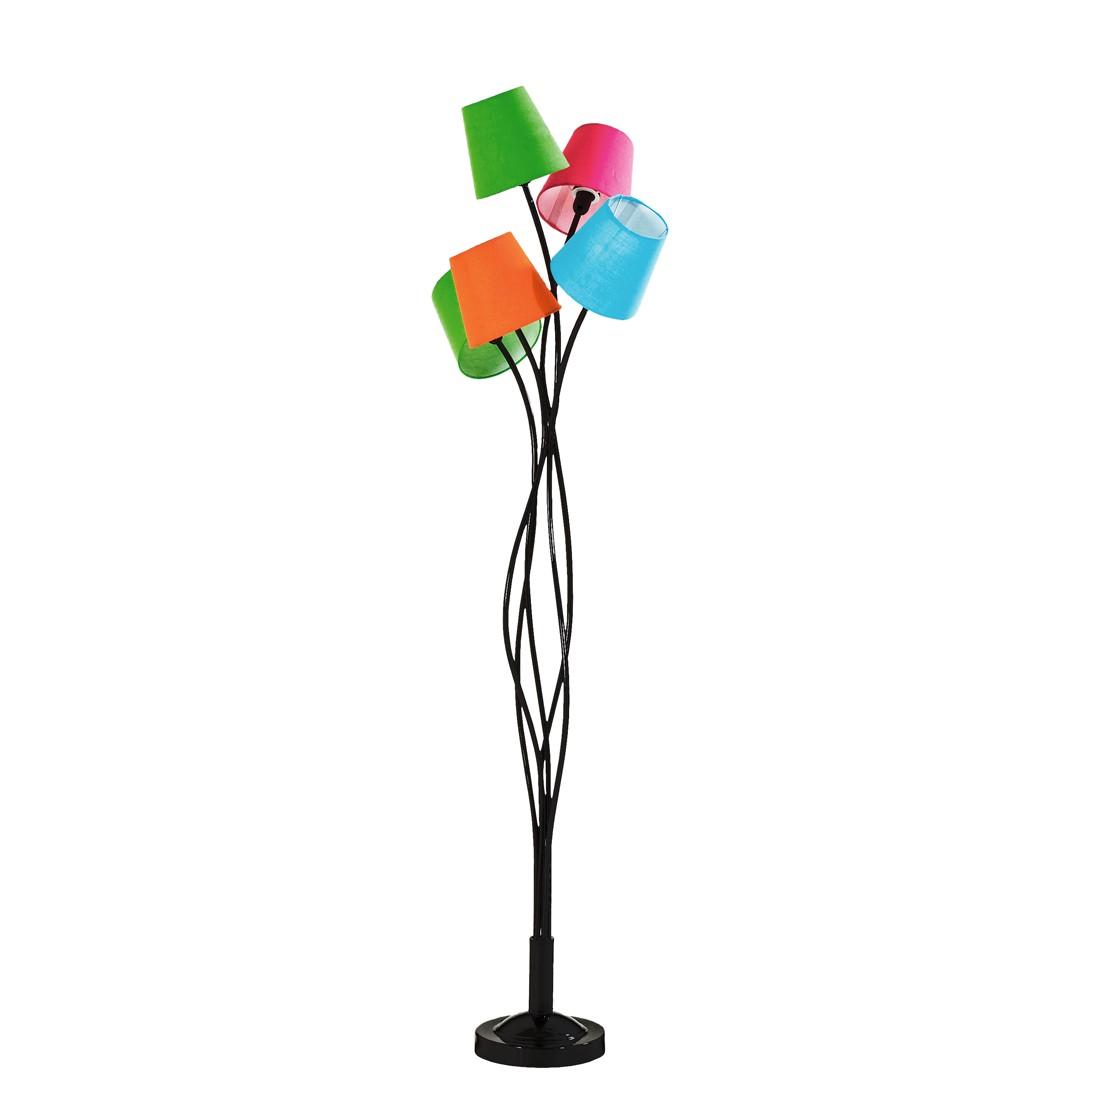 EEK A++, Lampadaire SL 5ue Colore - Métal / Tissu 5 ampoules, Kare Design